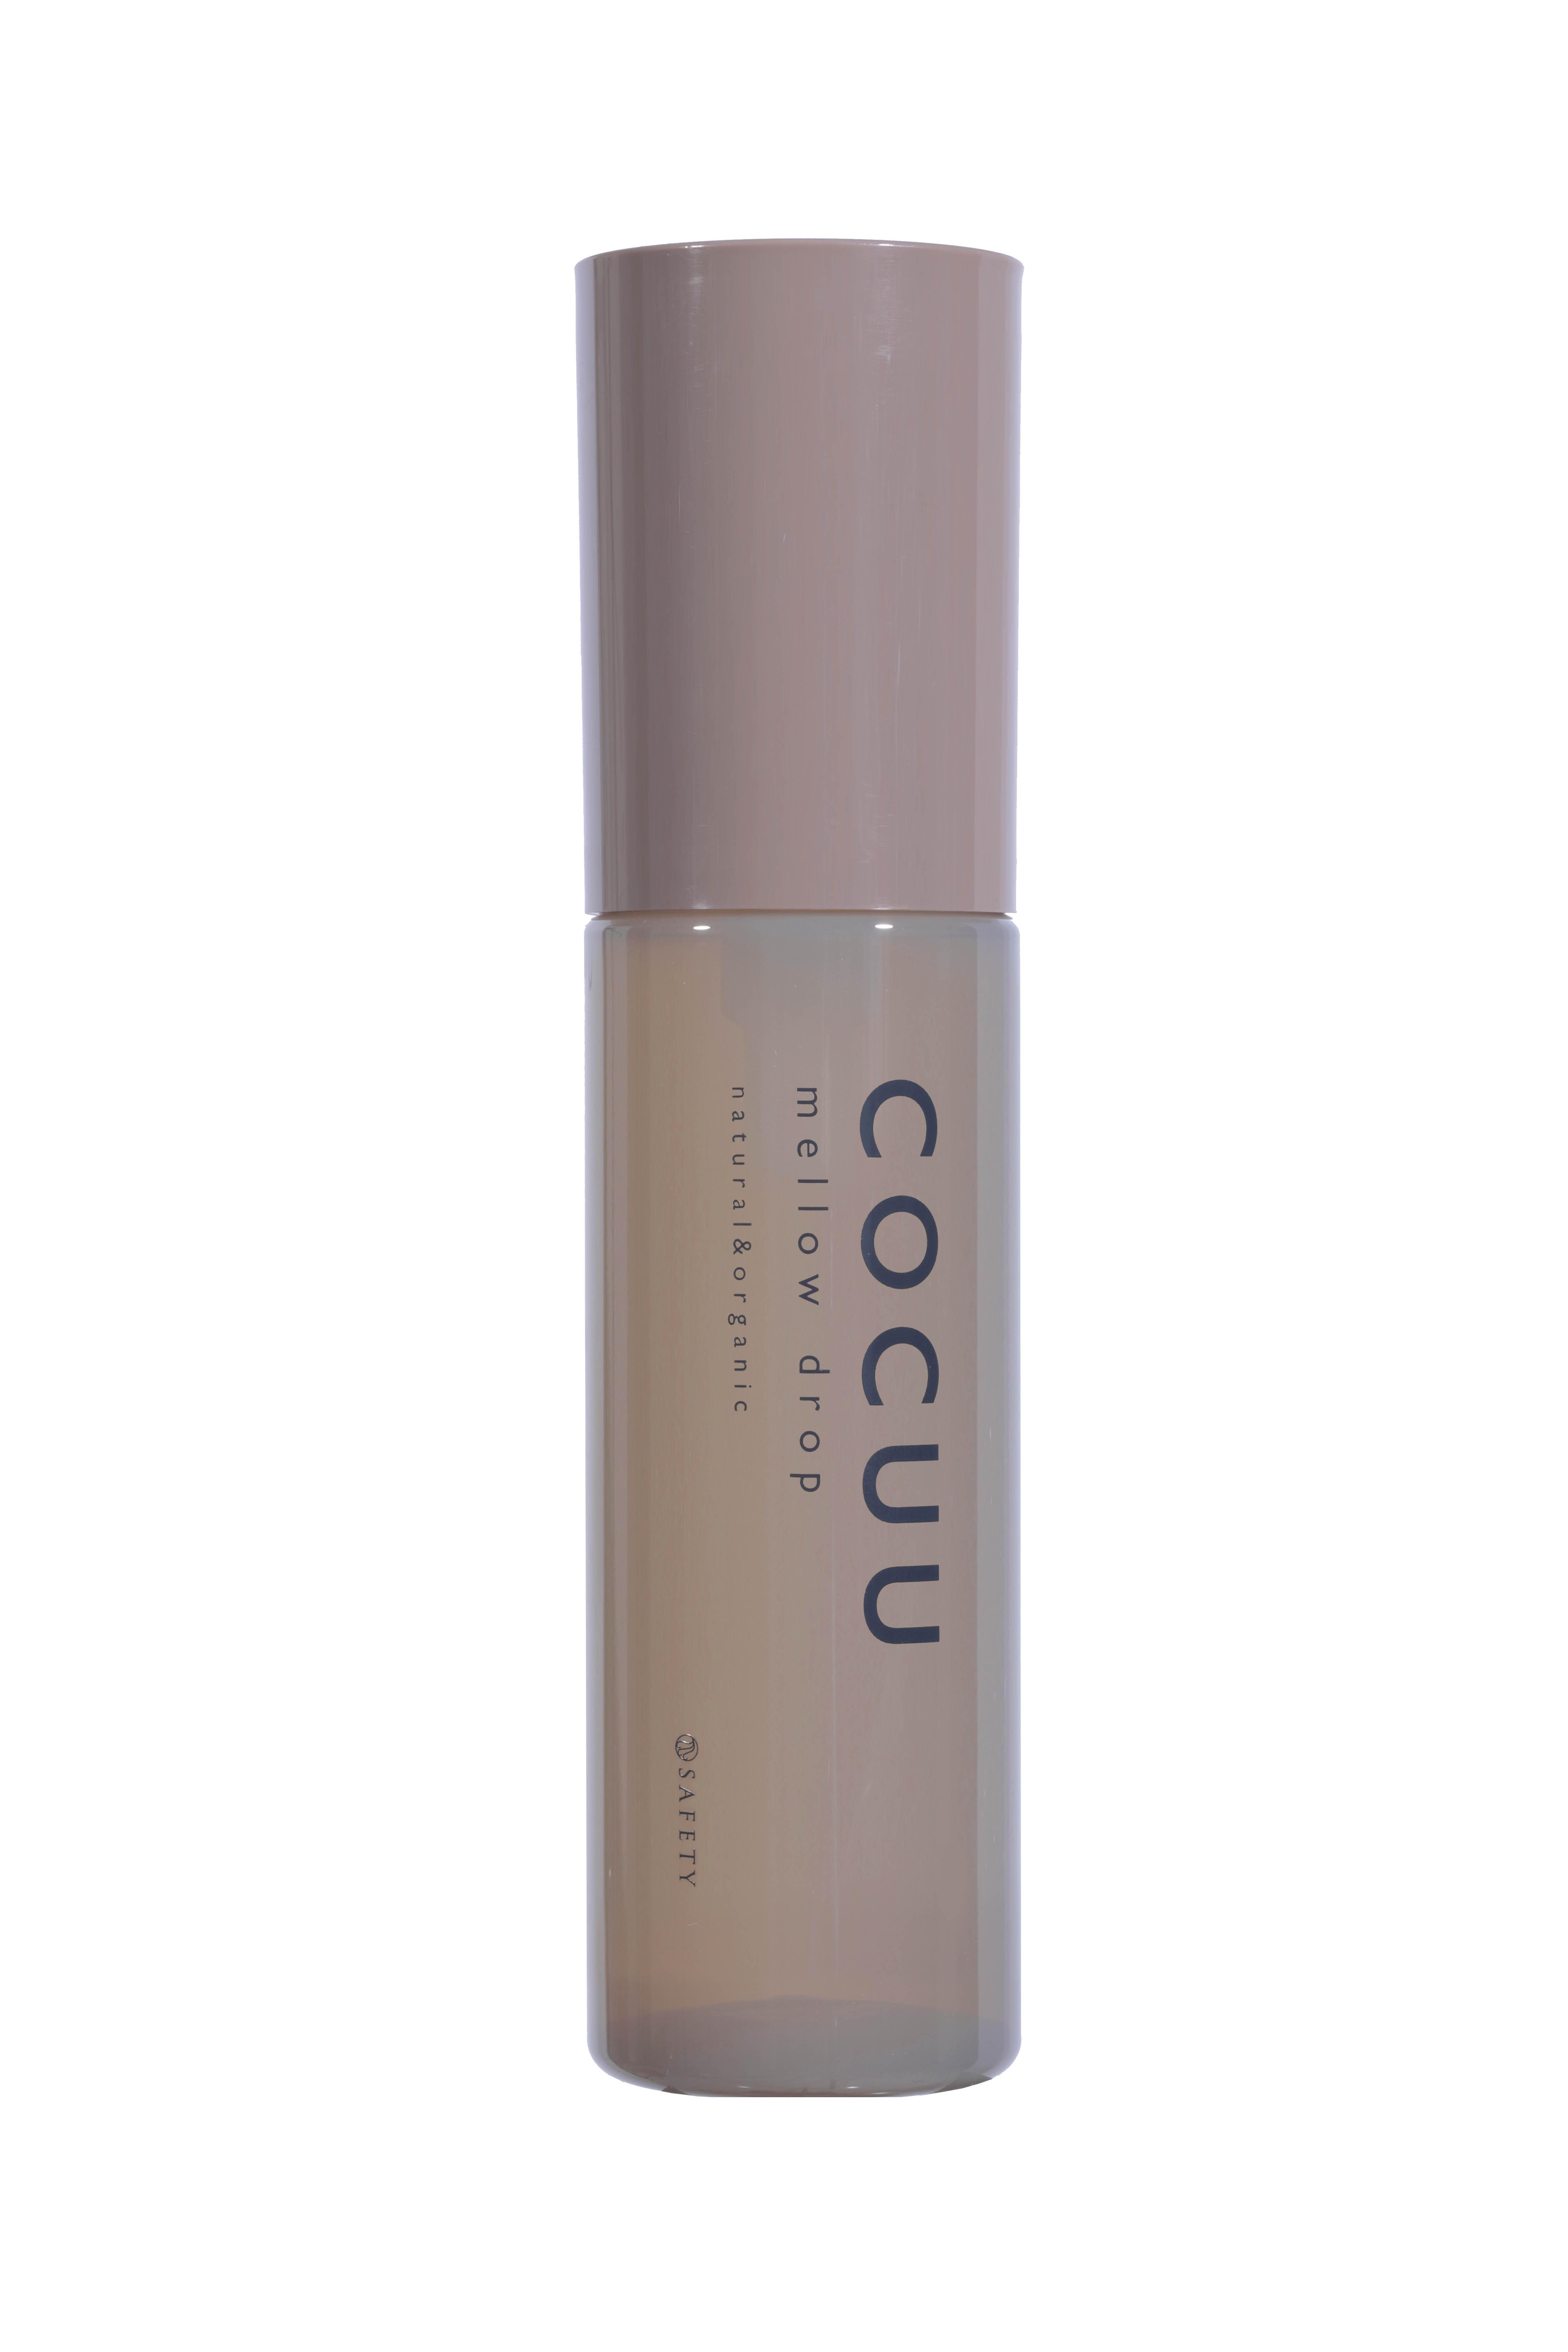 COCUUからスタイリングオイルCOCUU mellow dropが発売